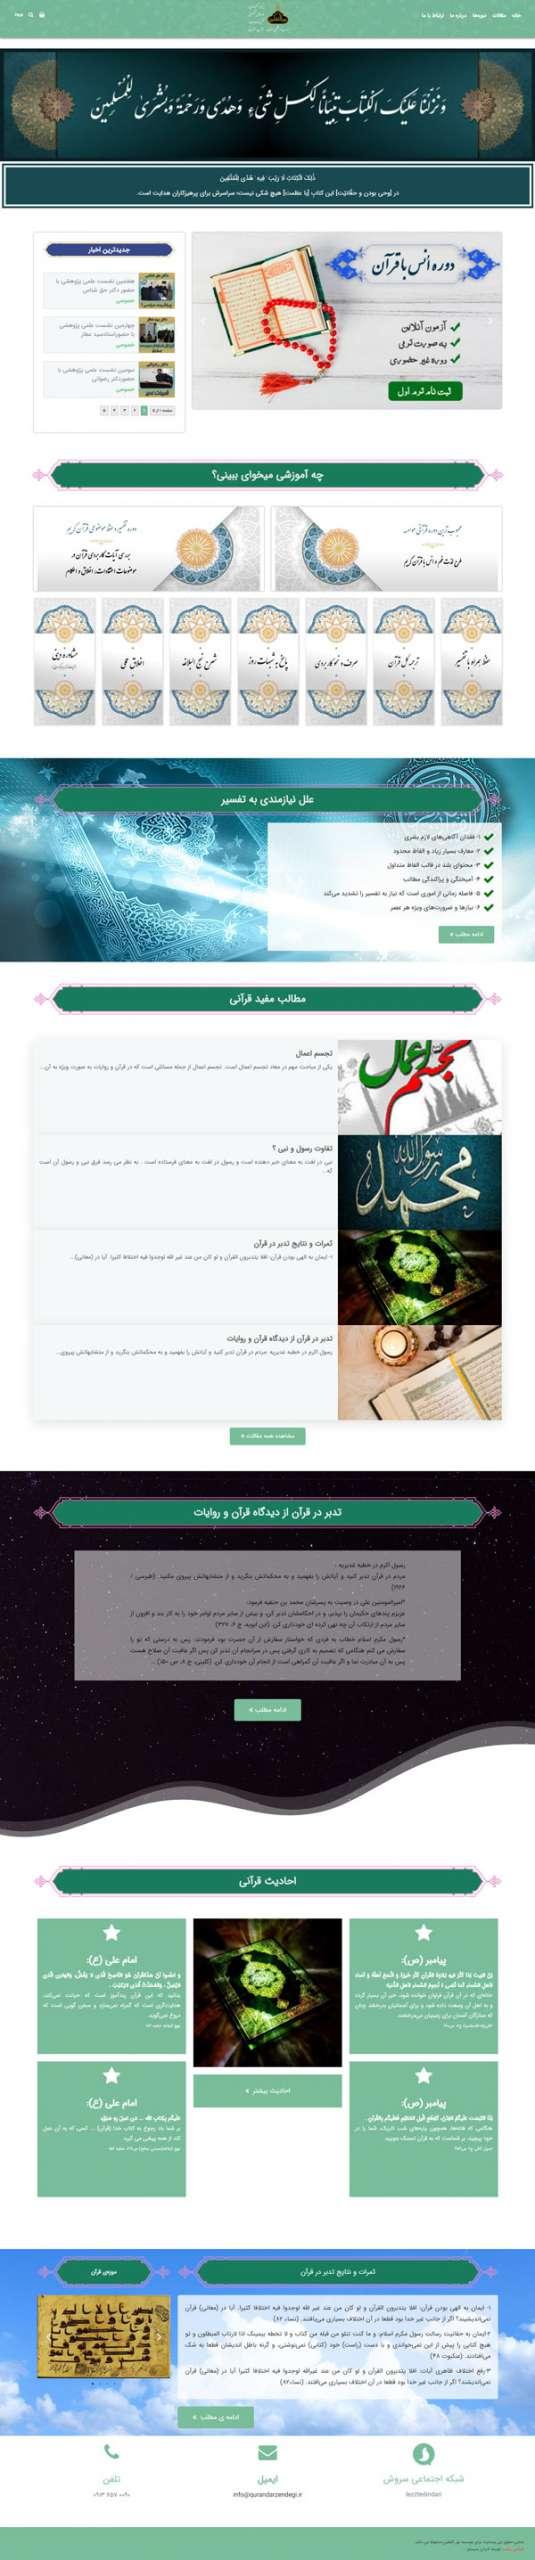 طراحی سایت سامانه قرآن در زندگی | آموزش تفسیر قرآن